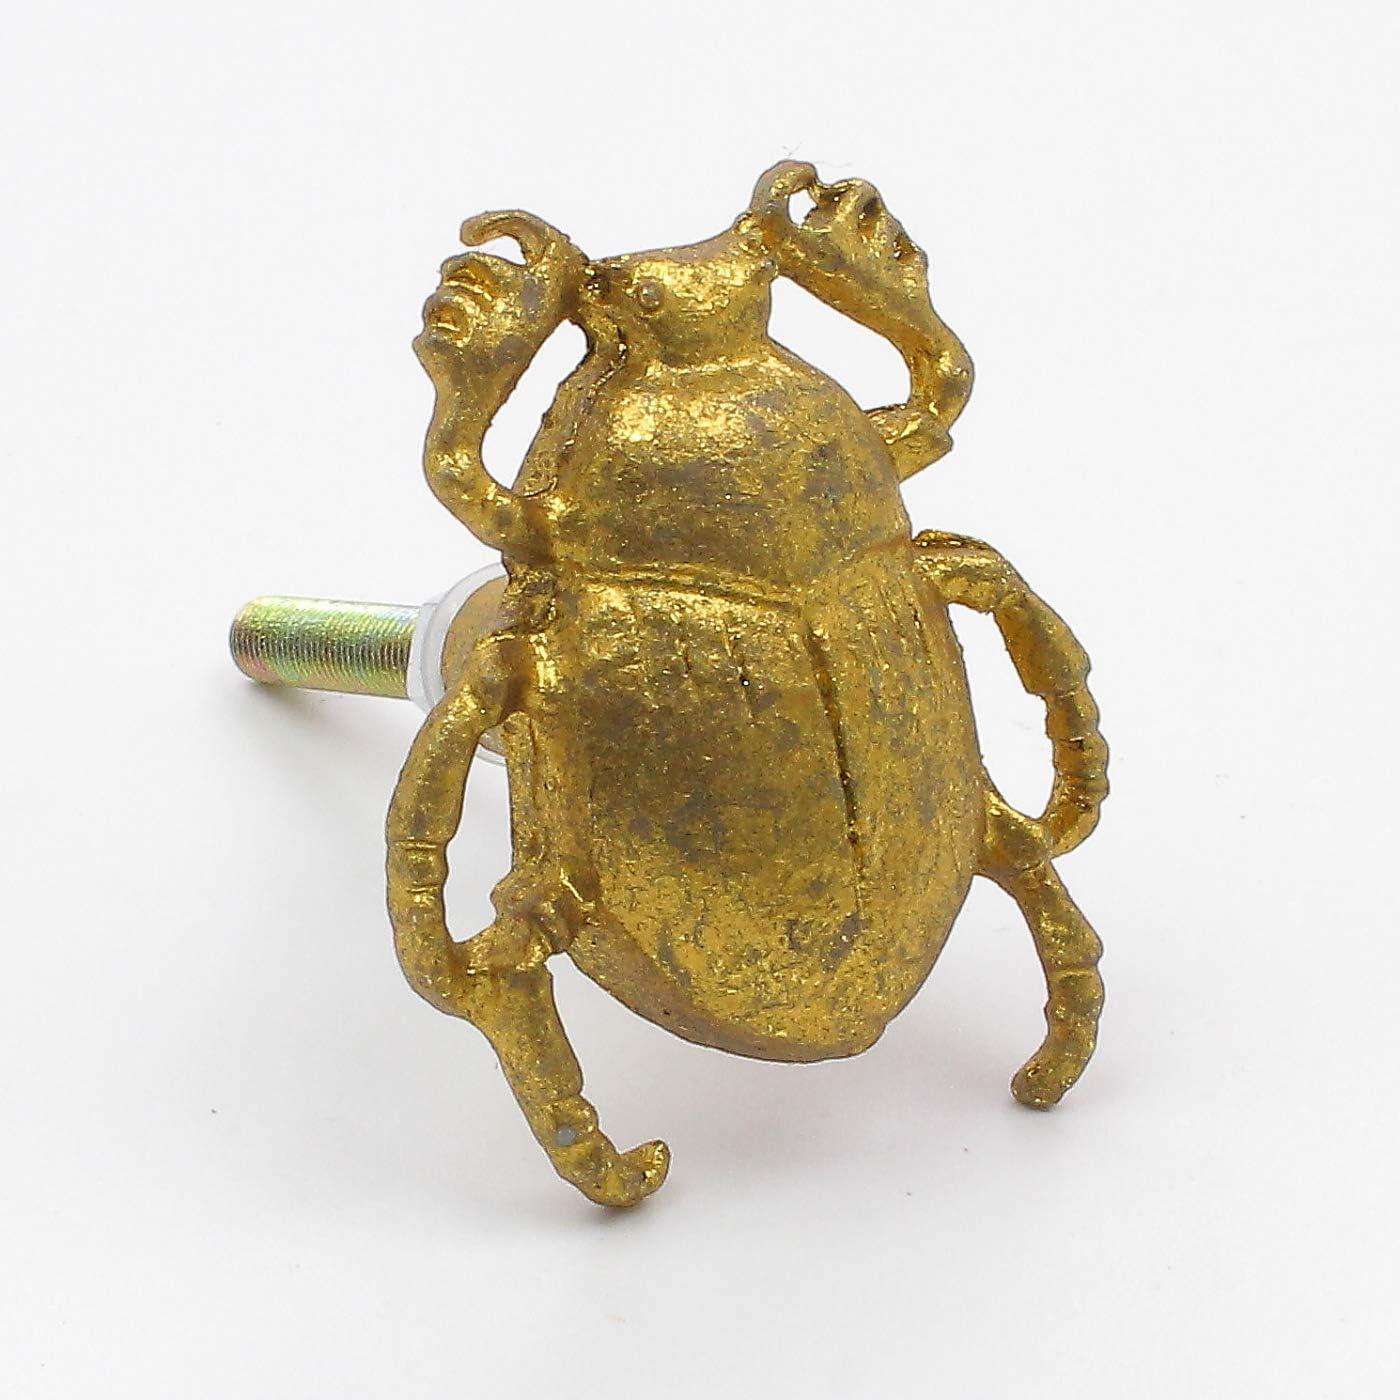 Perillas cajones 3.1 longitud de la varilla manijas para puertas armario Metal De Oro Del Oro Del Escarabajo Del Escarabajo Pomos muebles y cocinas 3.5 cm de di/ámetro